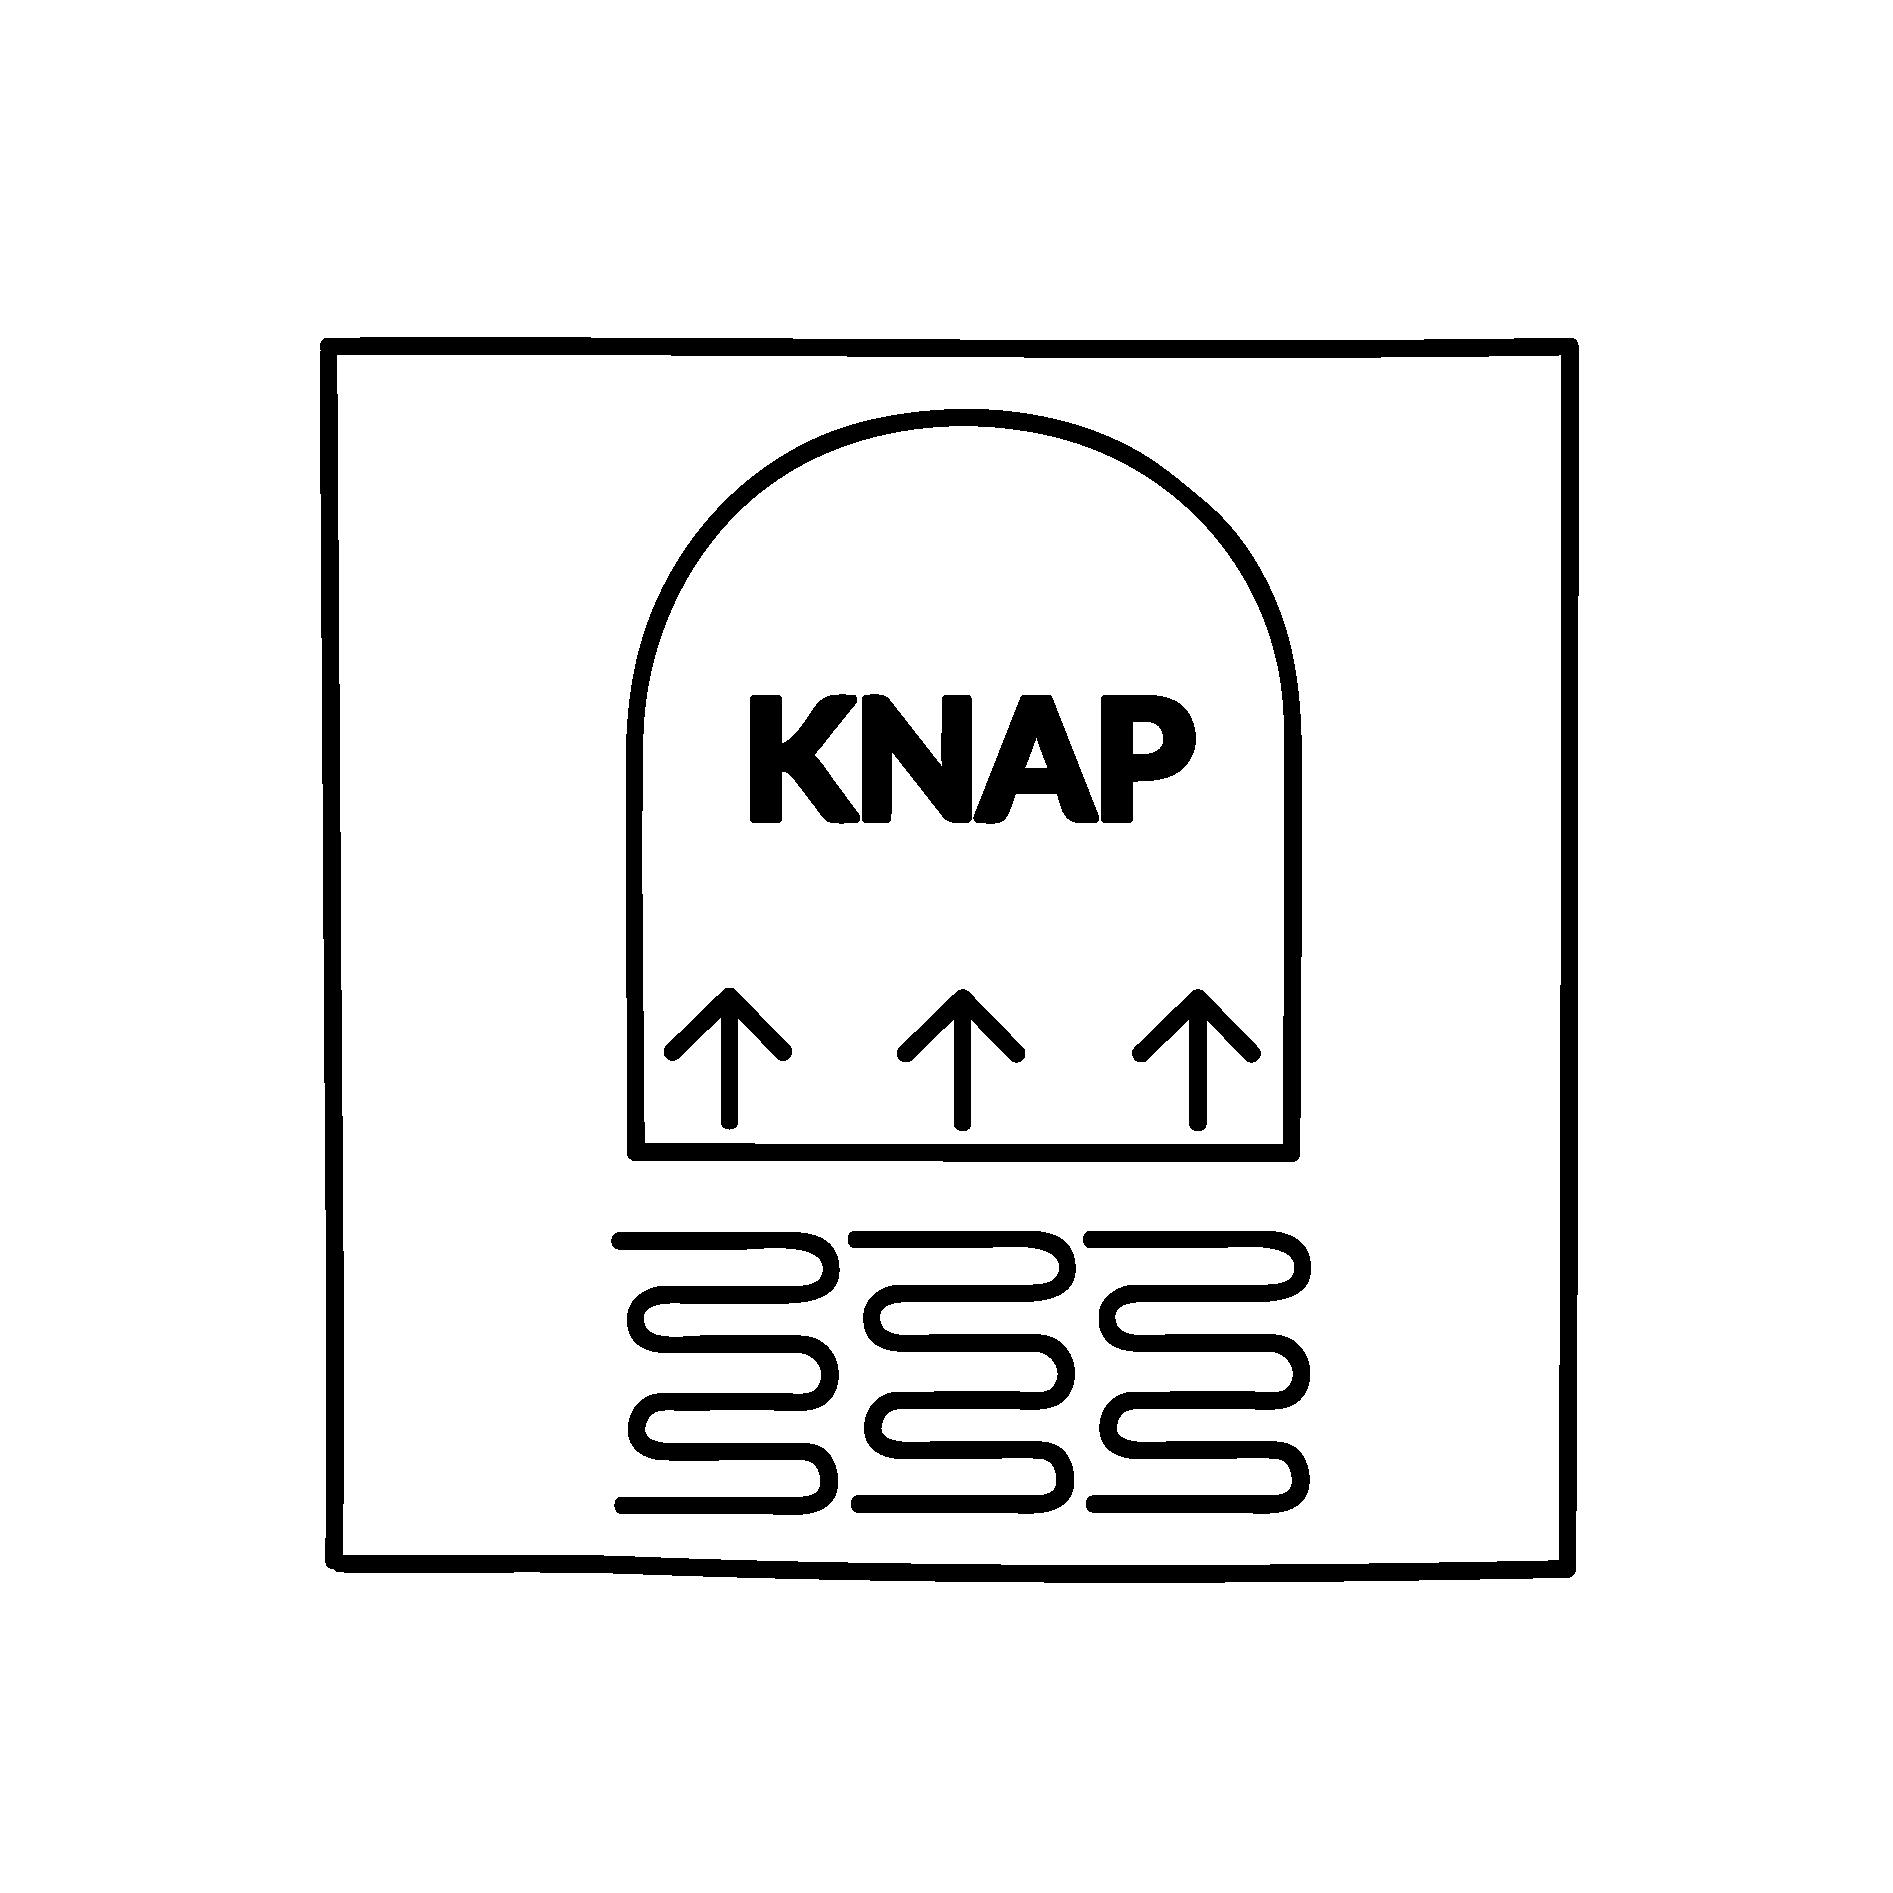 Knapillustrationsforpete-33.png